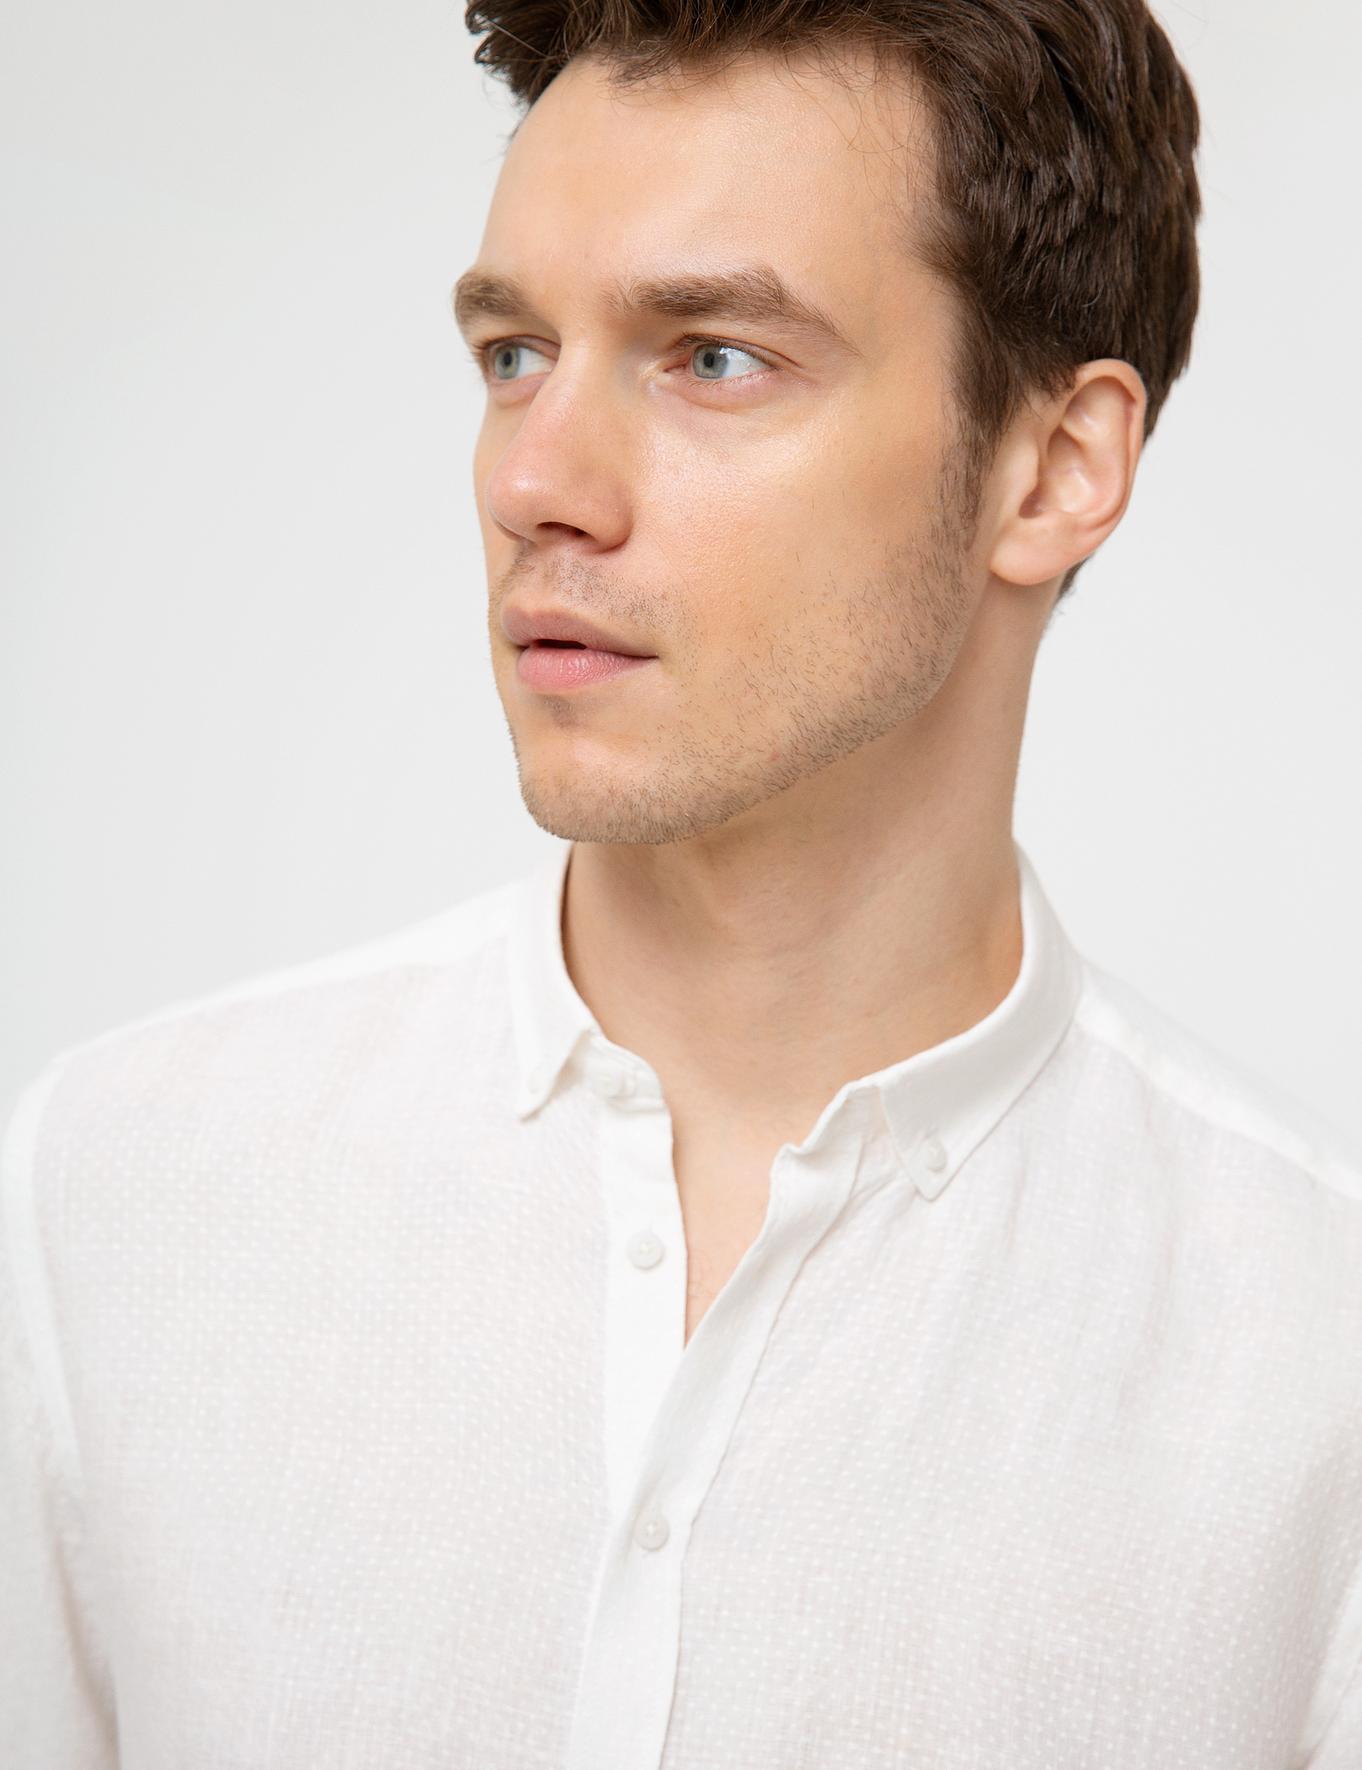 Beyaz Regular Fit Gömlek - 50186066004